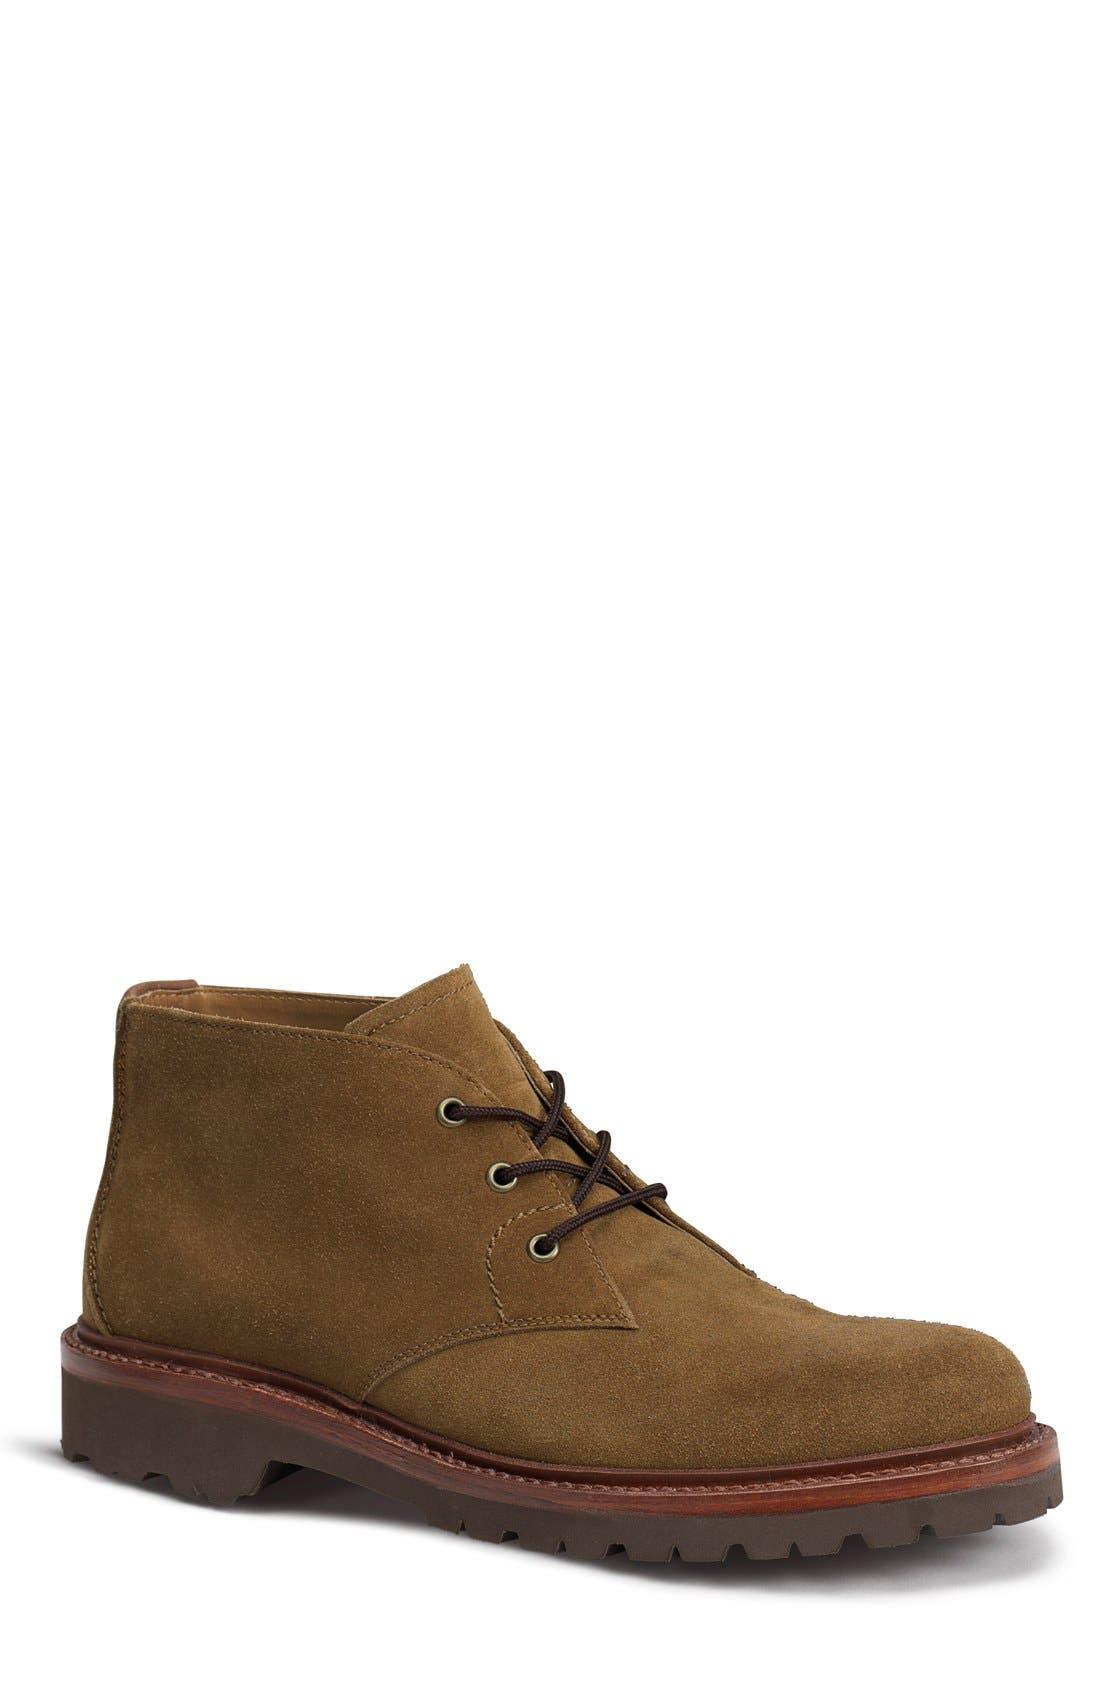 'Gulch II' Chukka Boot,                         Main,                         color, 024